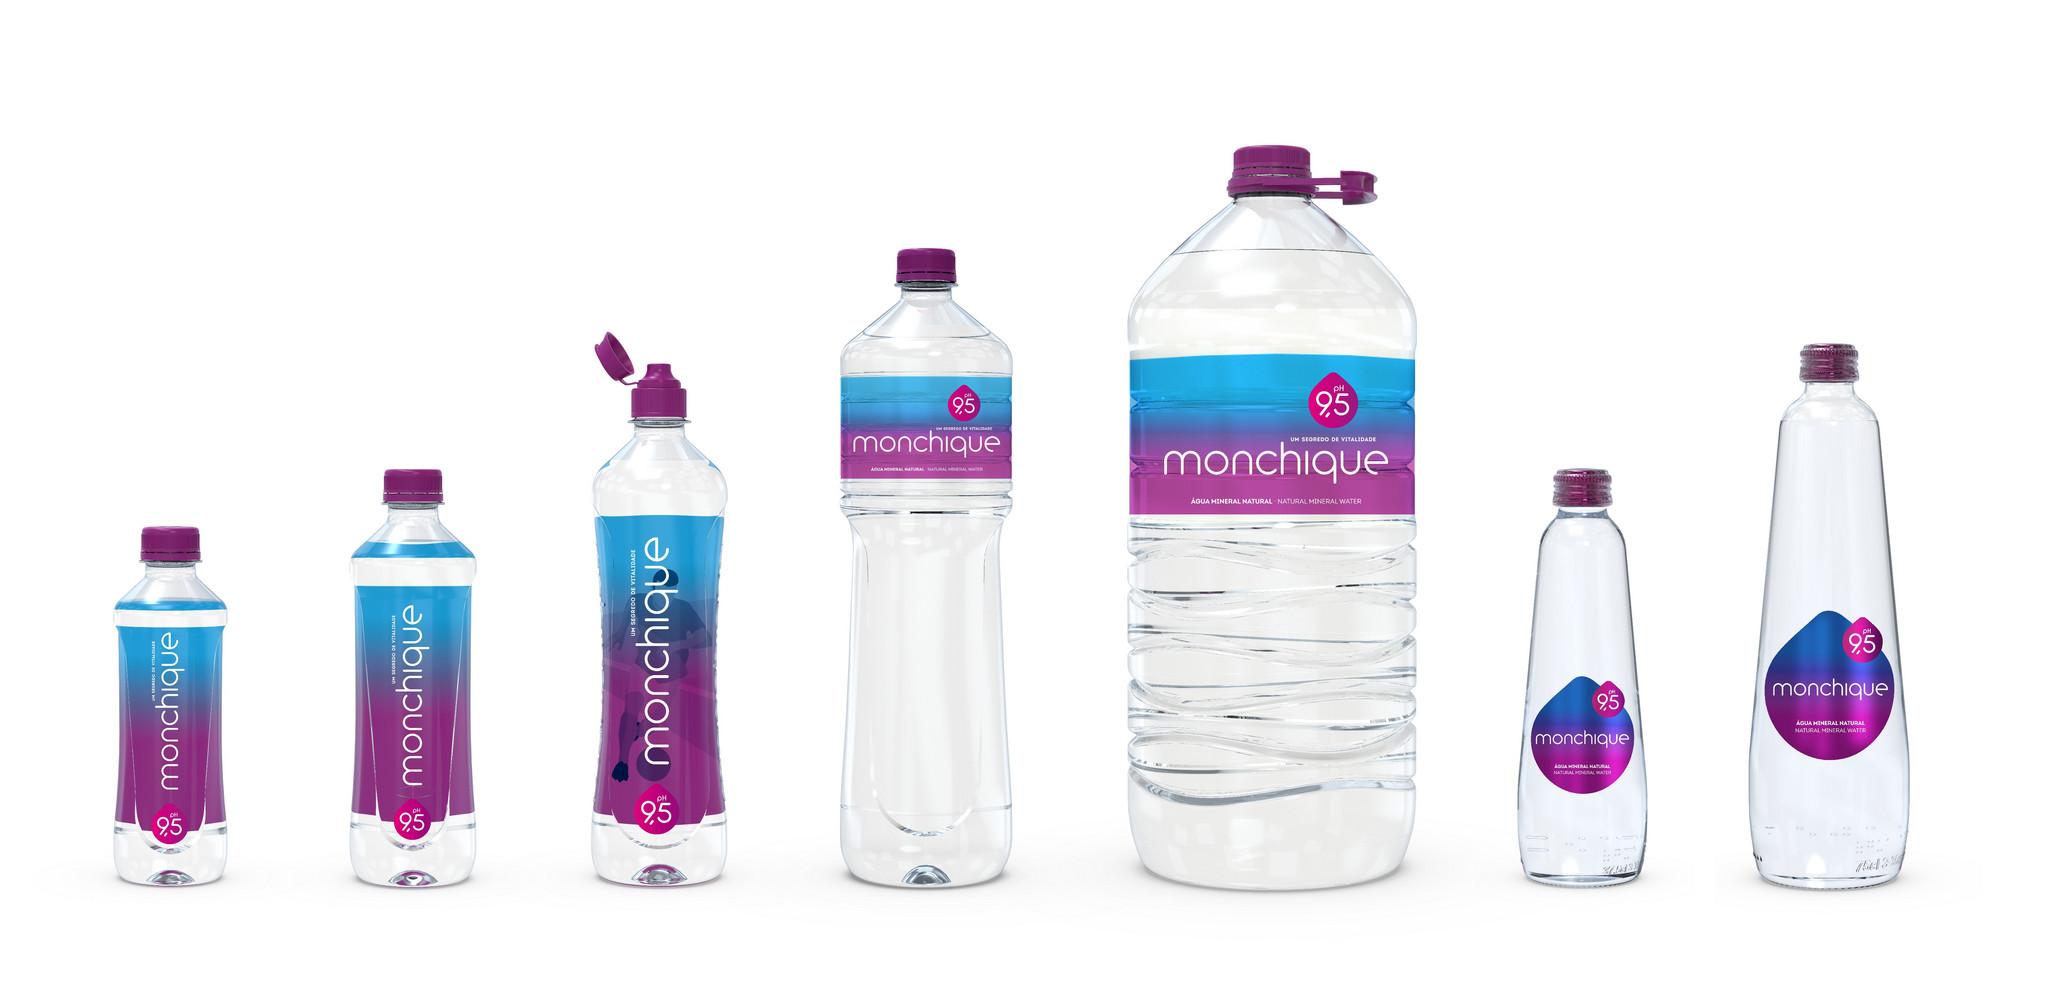 aguas-monchique-tamanhos-variados